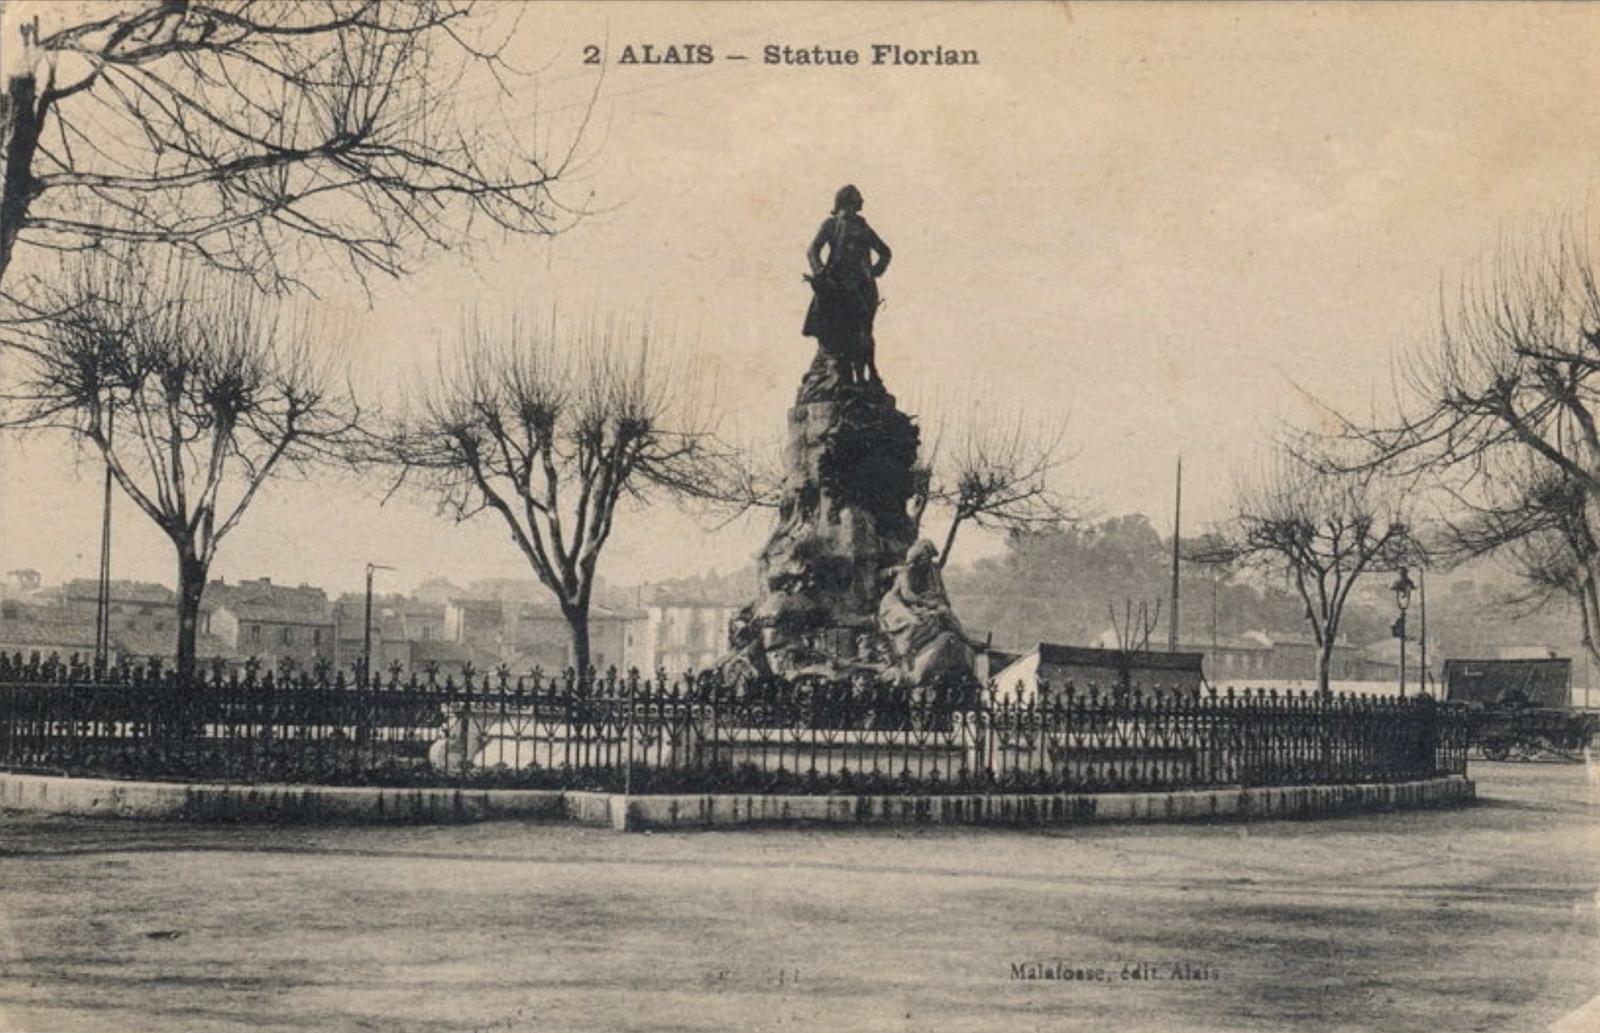 Alès -  Alès (Alais) monument à Jean-Pierre Claris de Florian édifié en 1896 place de la République. En 1942 : fonte de la statue et du cartouche sous le régime de Vichy. Seuls Estelle et Némorin subsistent. (voir www.e-monumen.net pour plus de renseignements). cp de E. Larguier à la famille Eble.